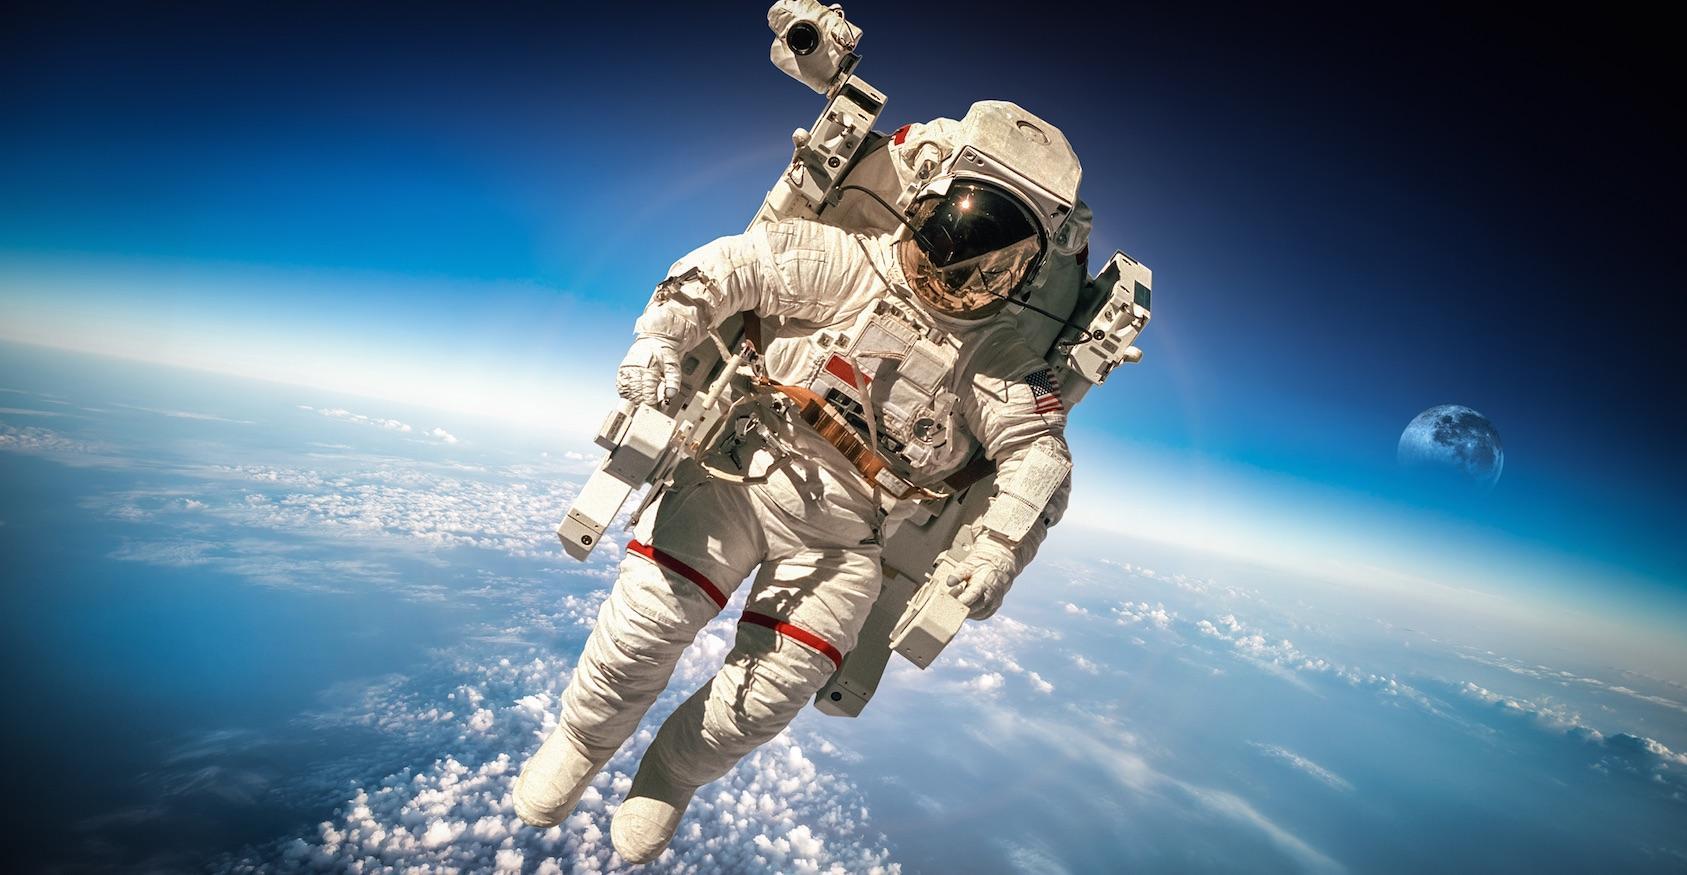 Космонавт ОАЭ отправится в полет 5 апреля